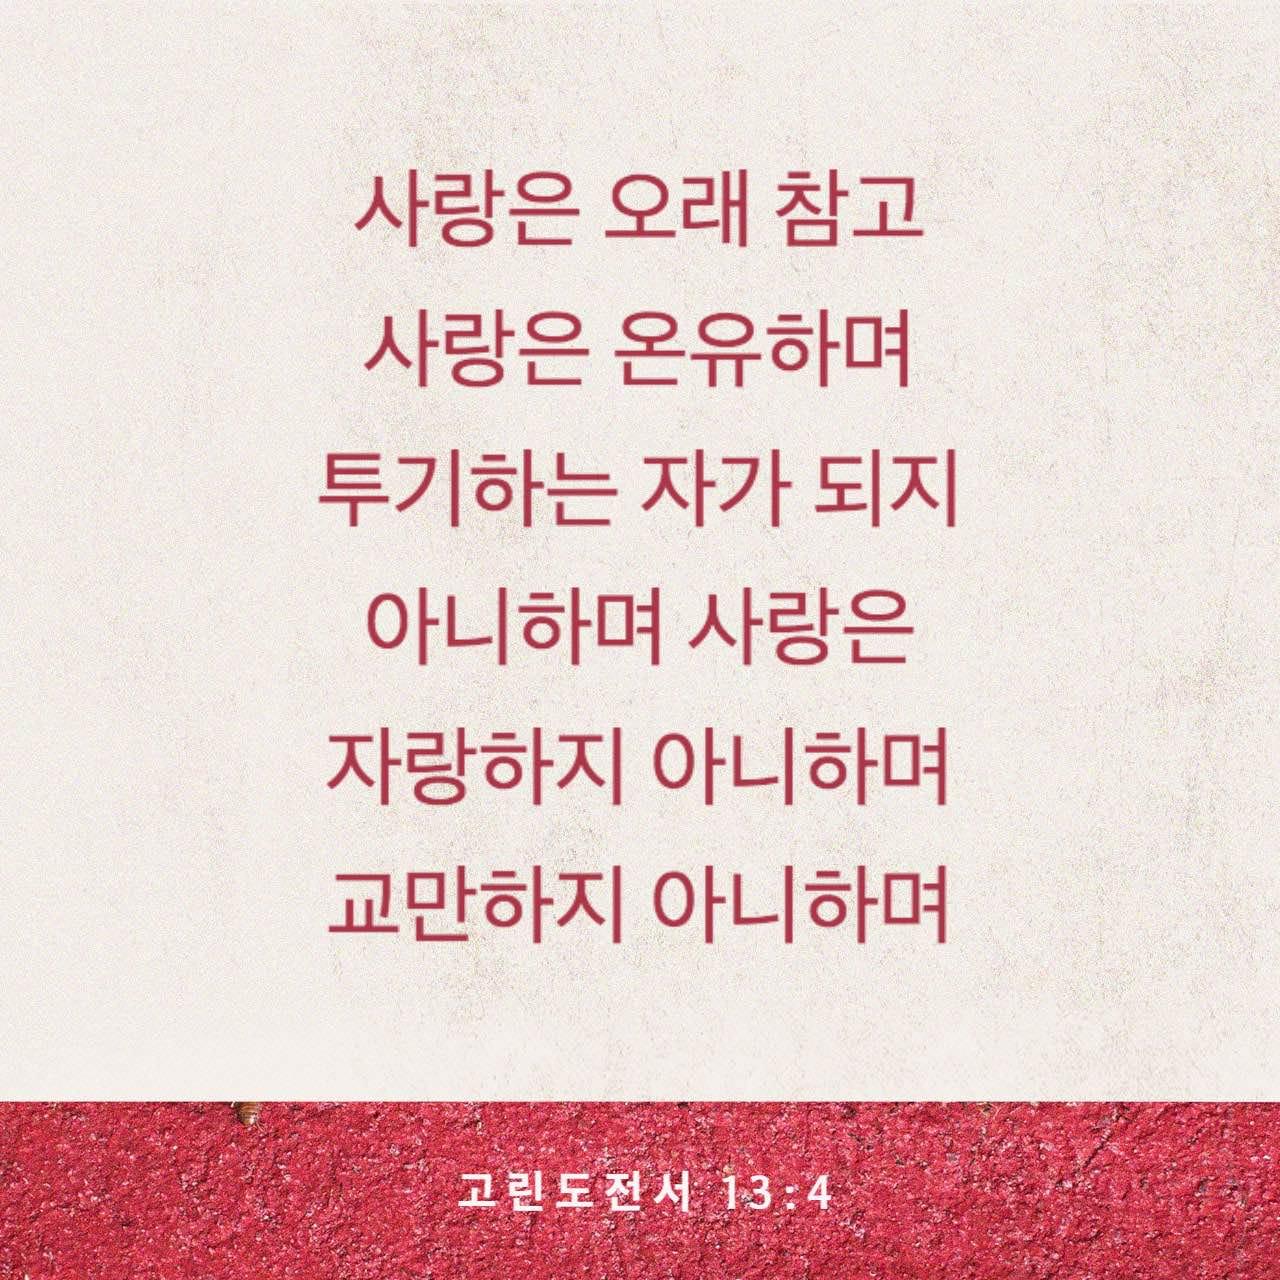 사랑은 오래 참고 사랑은 온유하며 - 고린도전서 13장 4절 - 구절 이미지